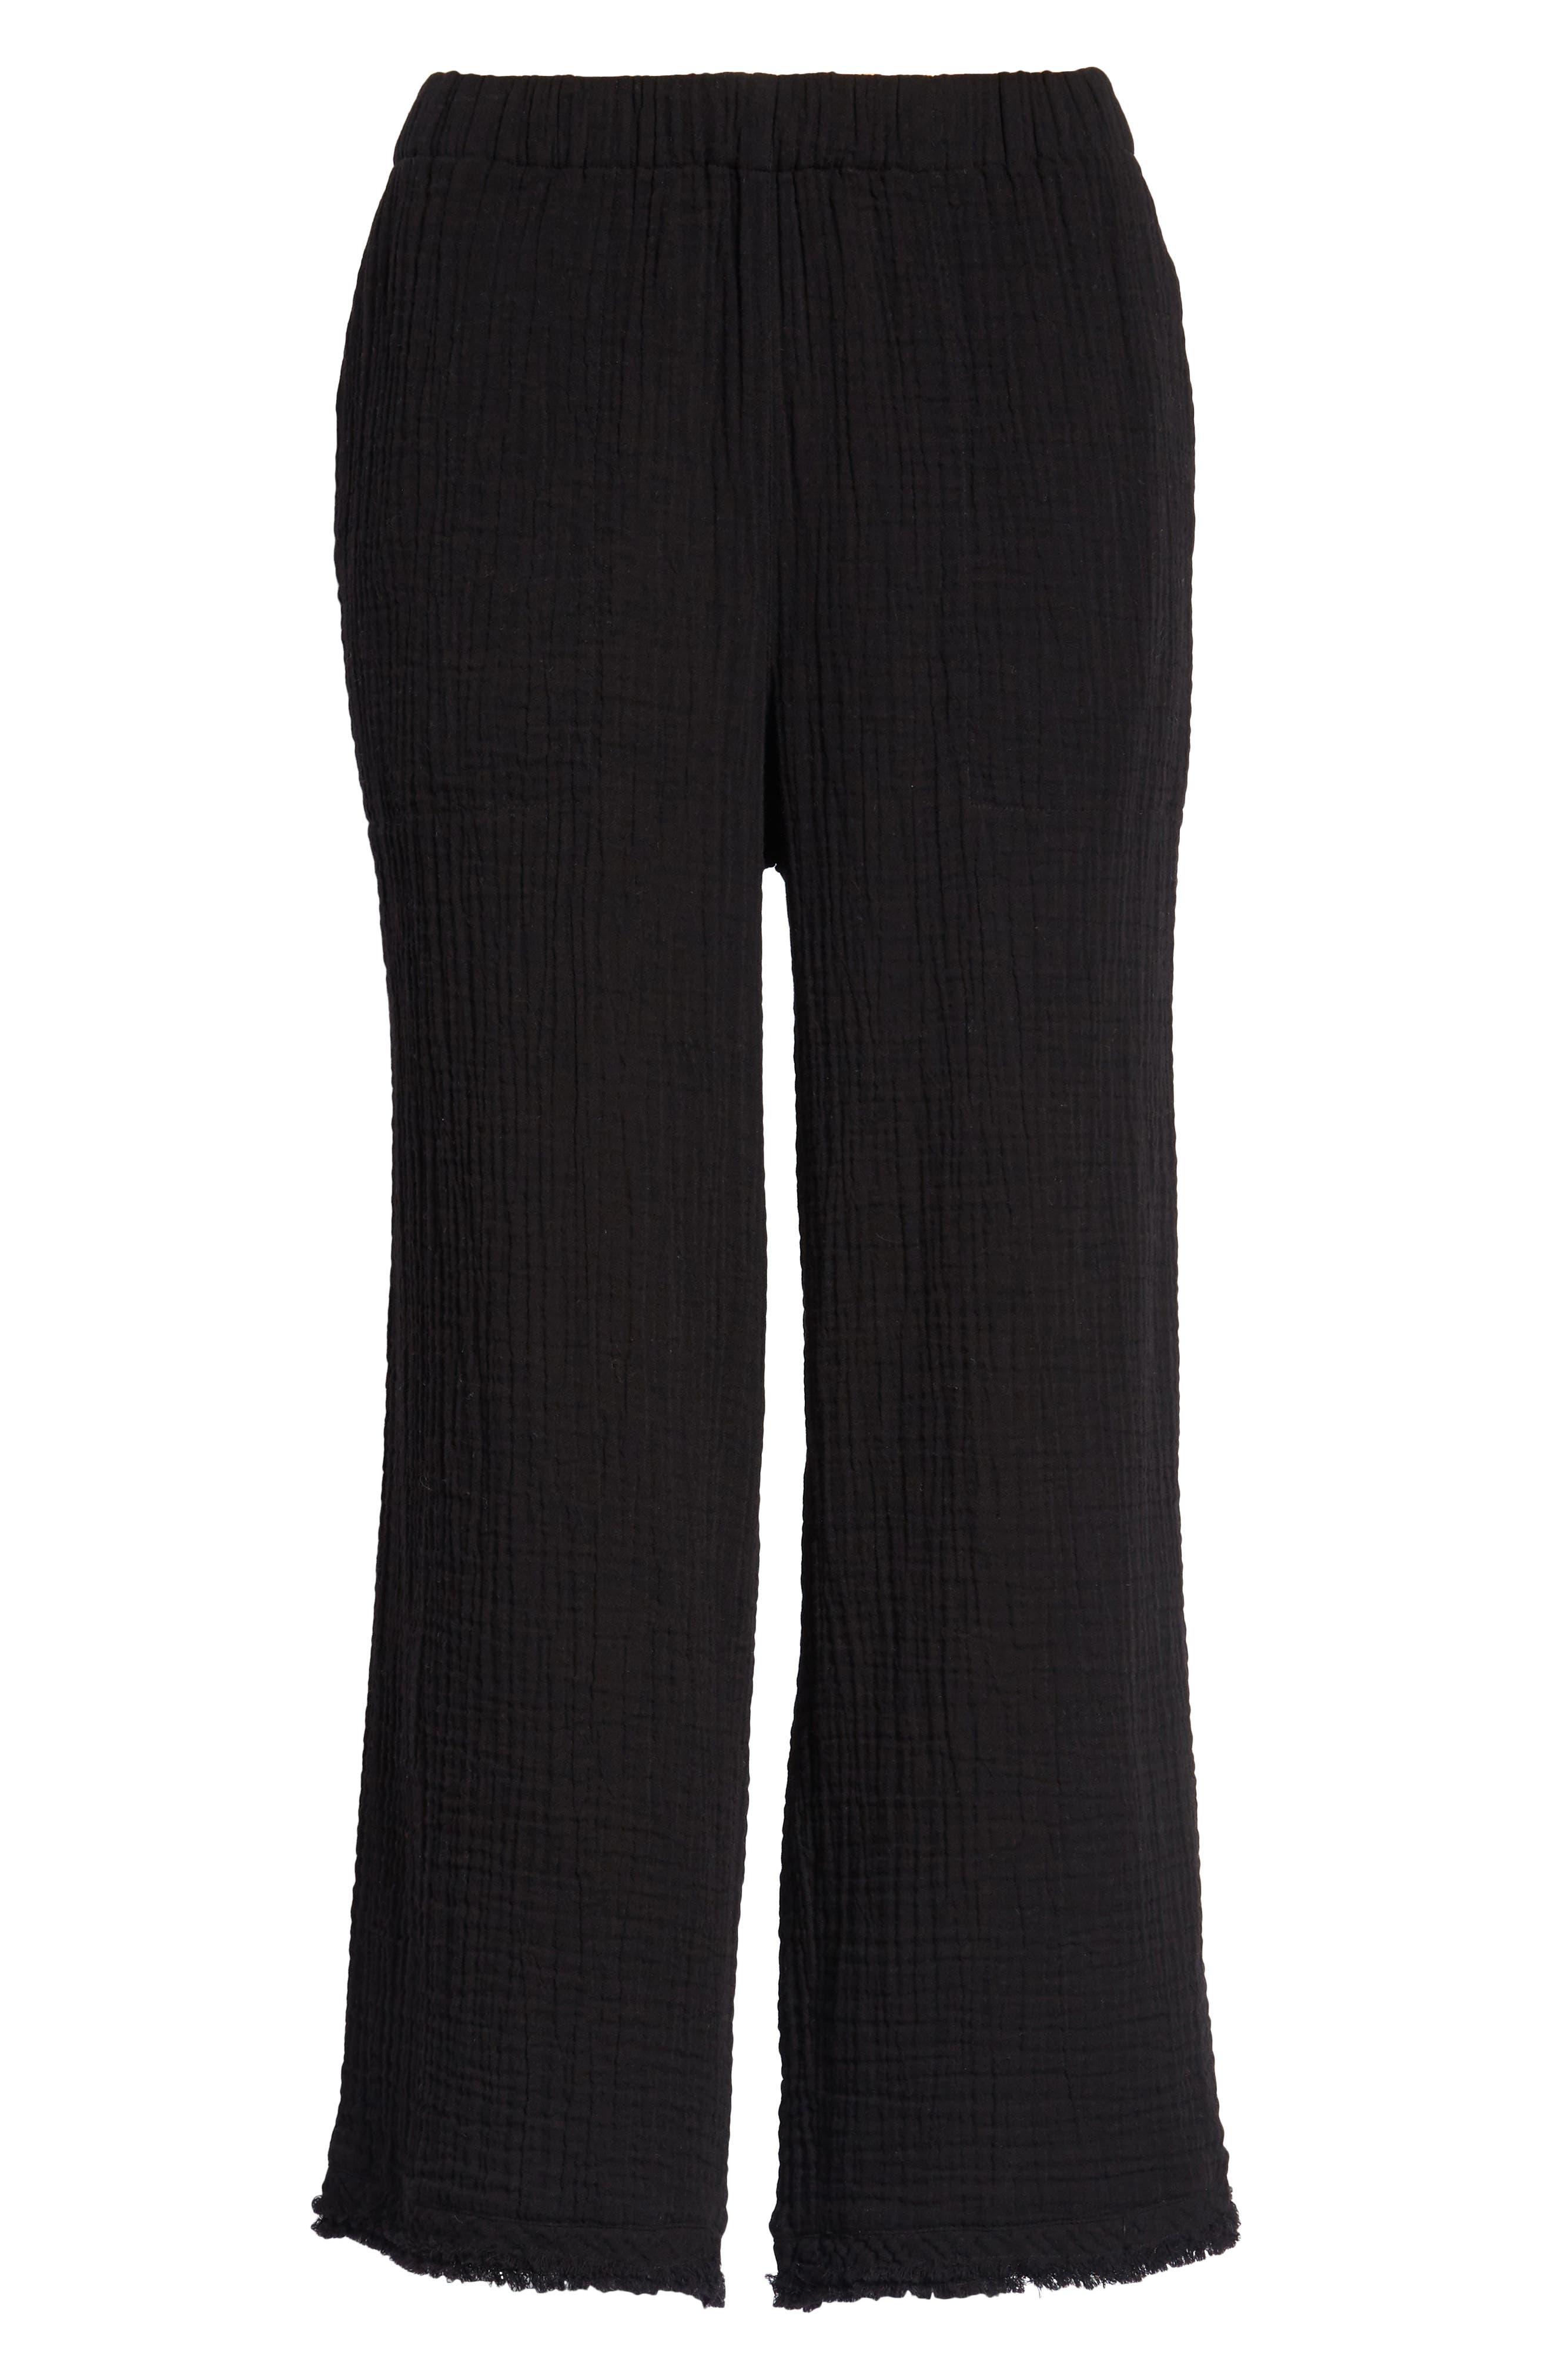 Organic Cotton Crop Pants,                             Alternate thumbnail 7, color,                             001